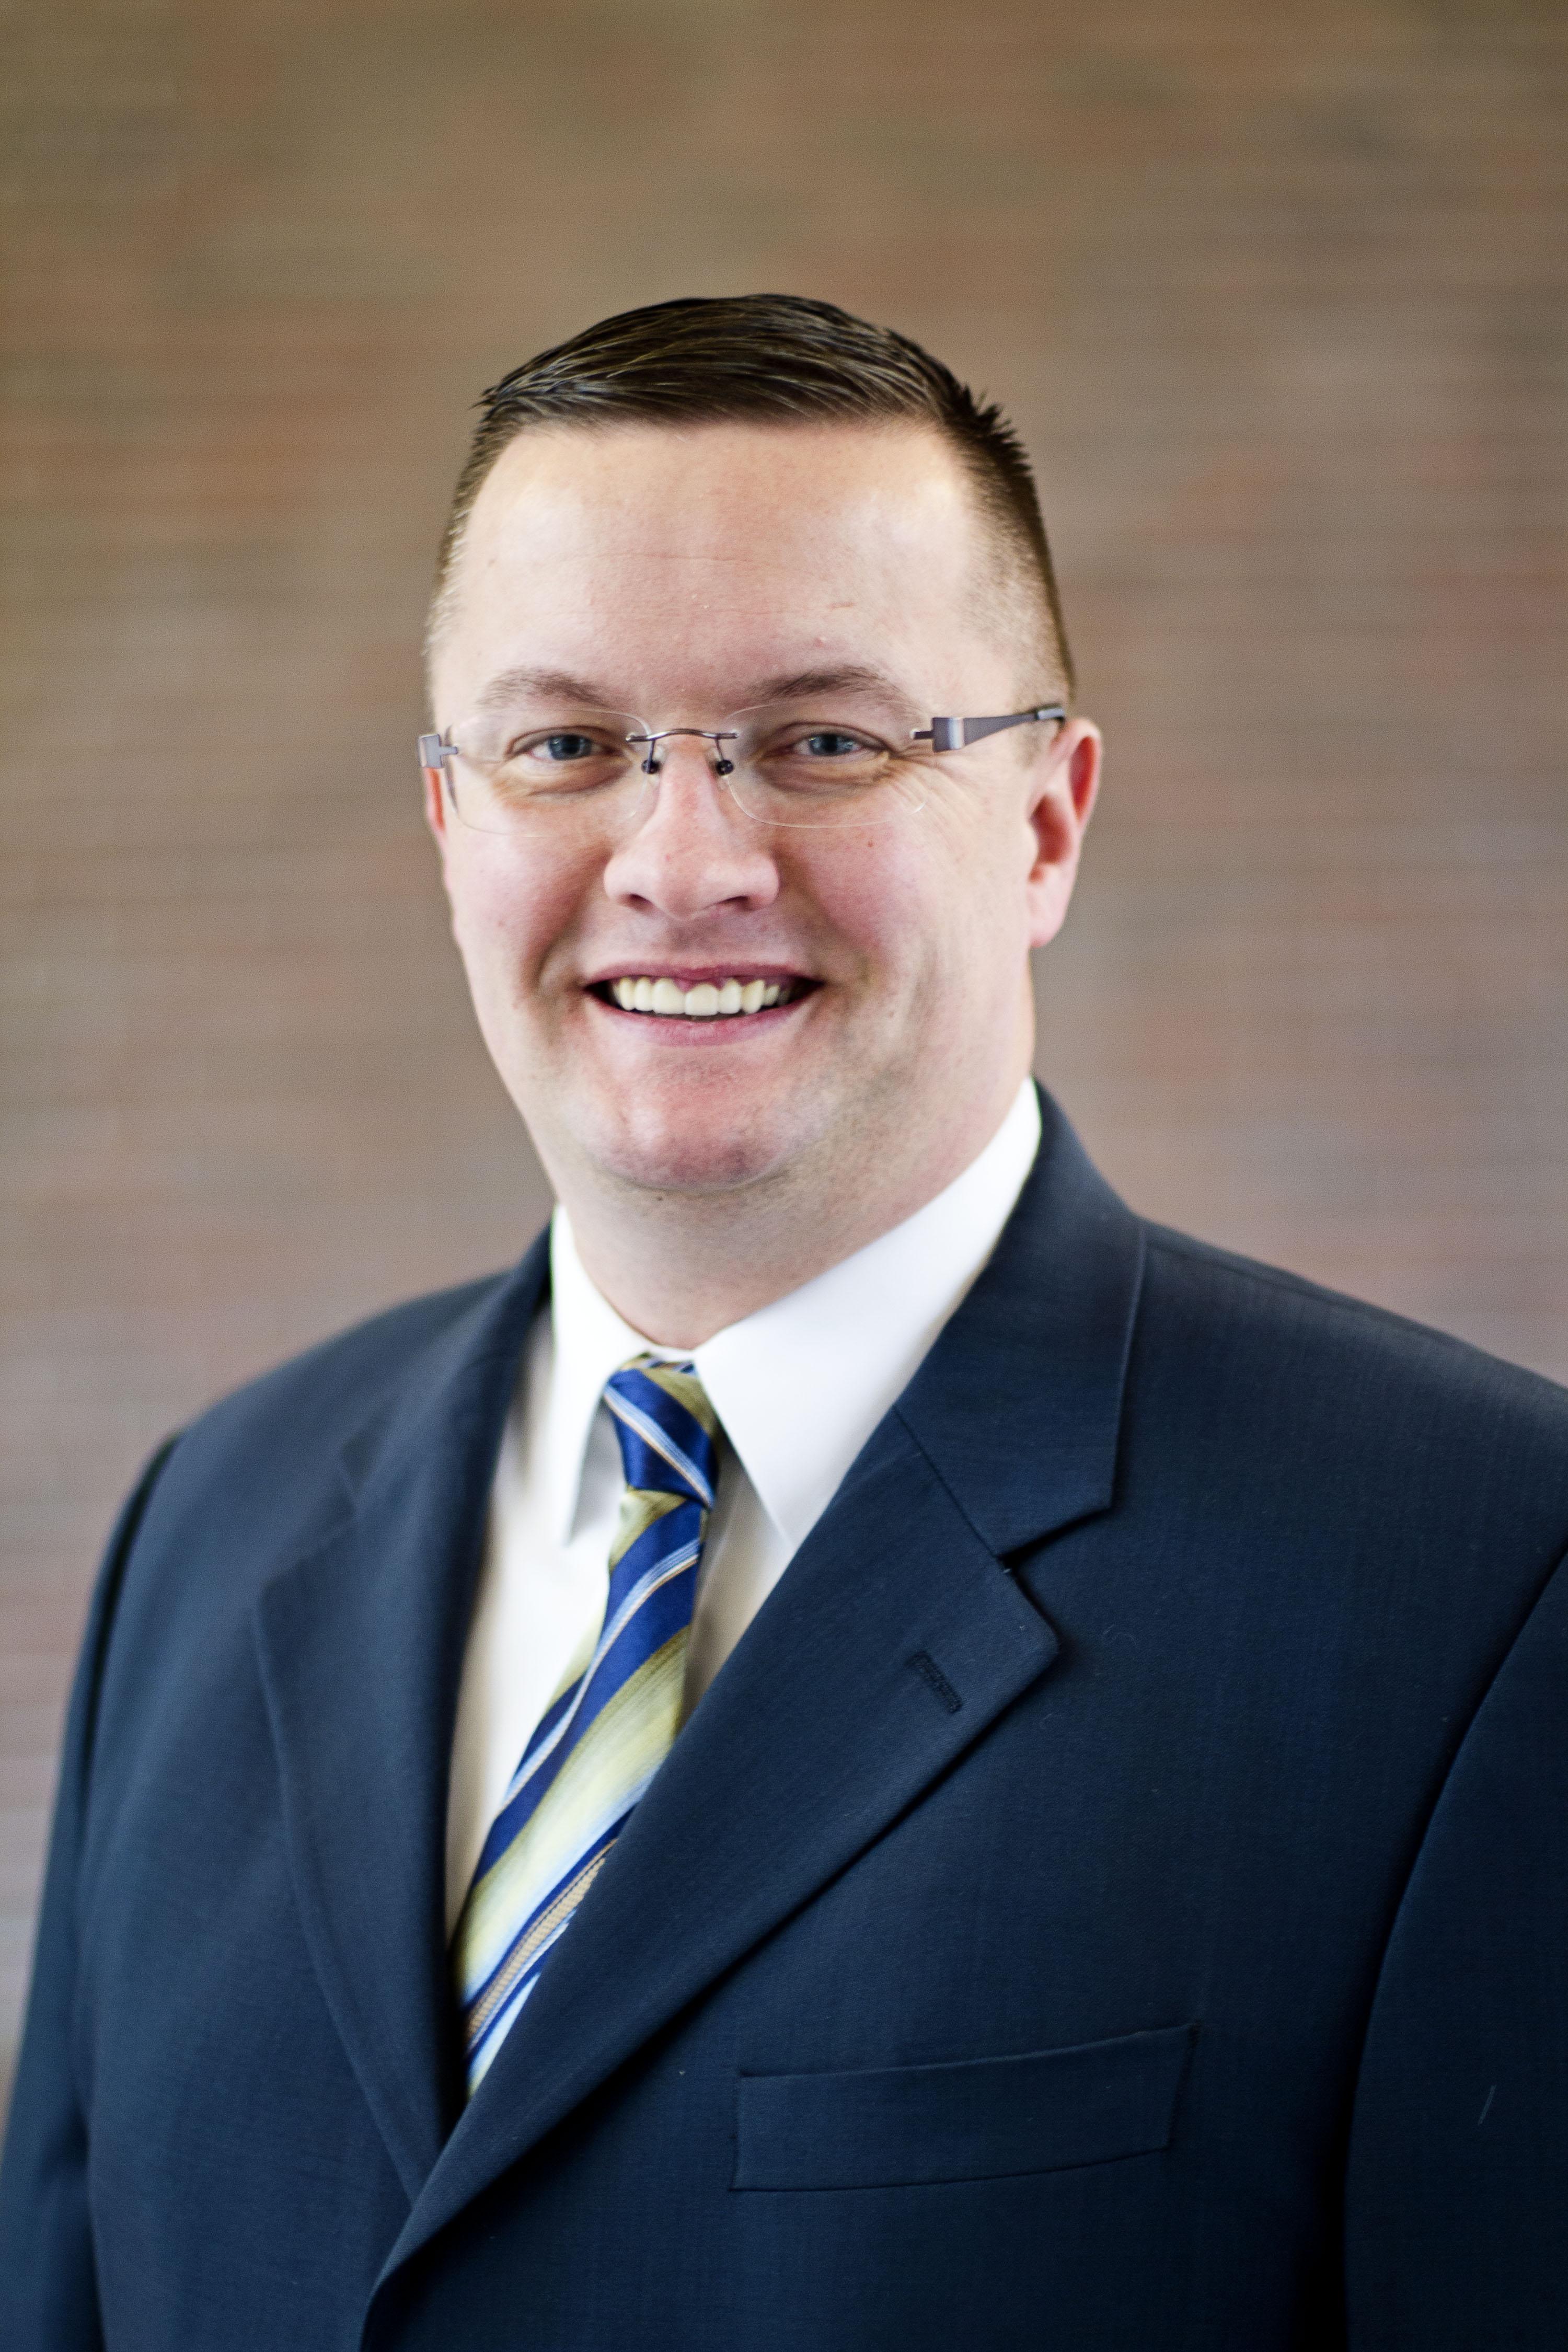 Scott Payne